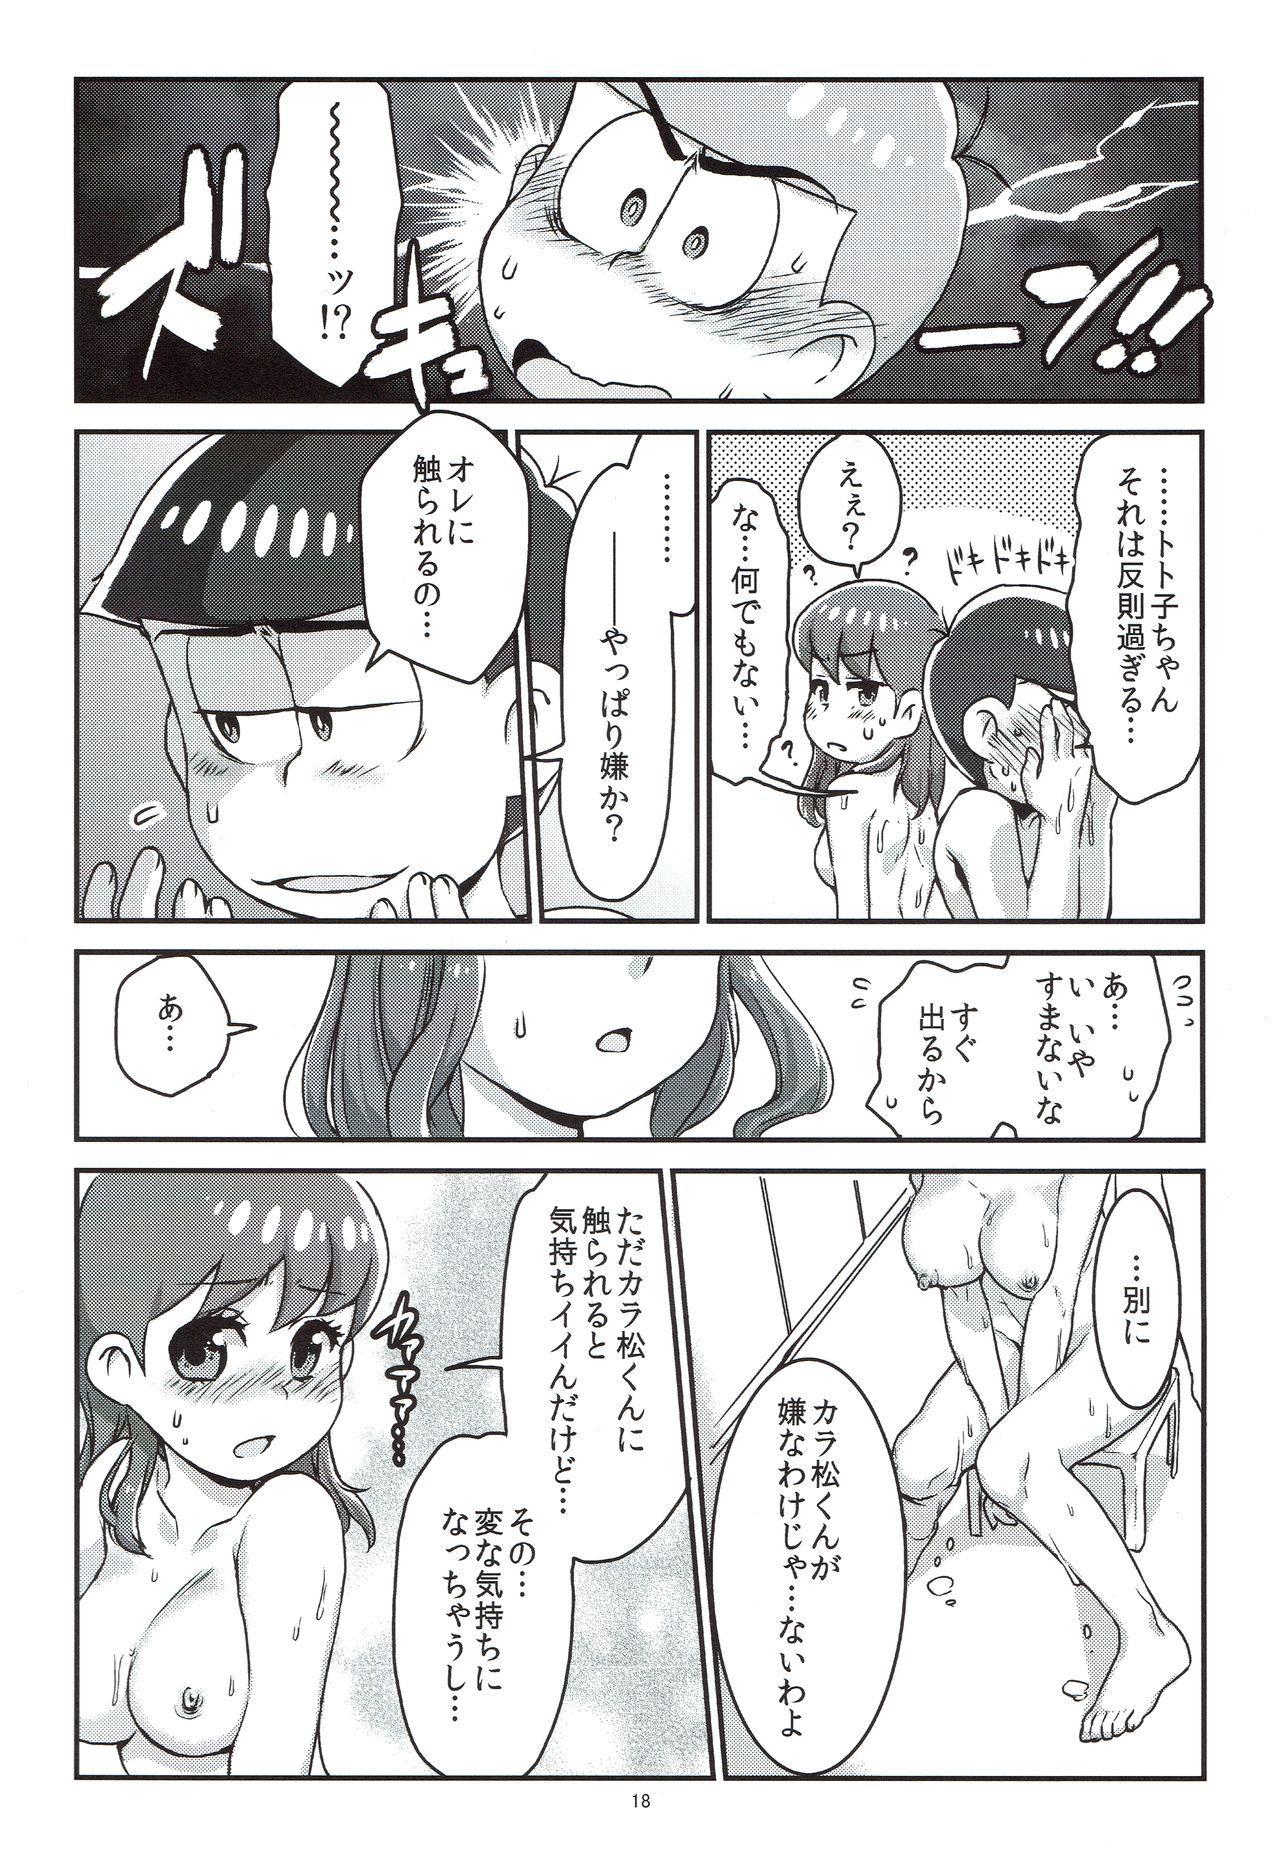 Mutsugo to Totoko-chan no Juukon Seikatsu 18